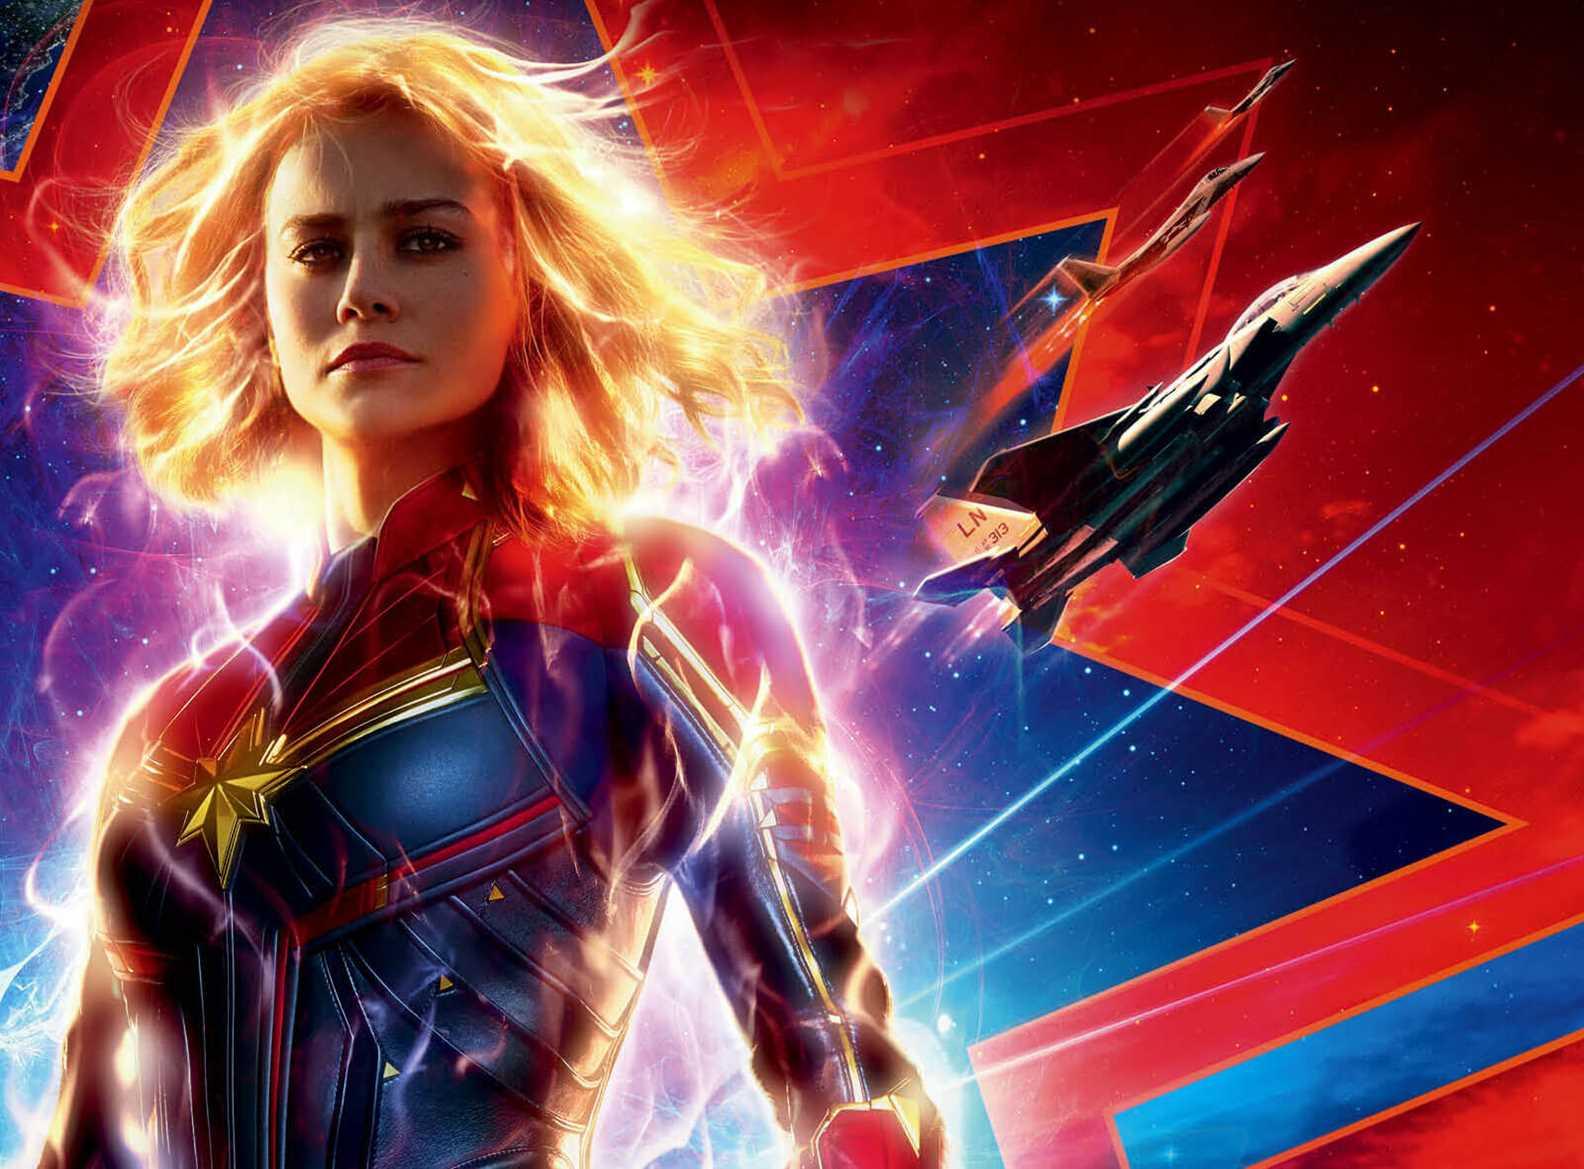 Watch Captain Marvel at Vue Cinema | Book Tickets Online